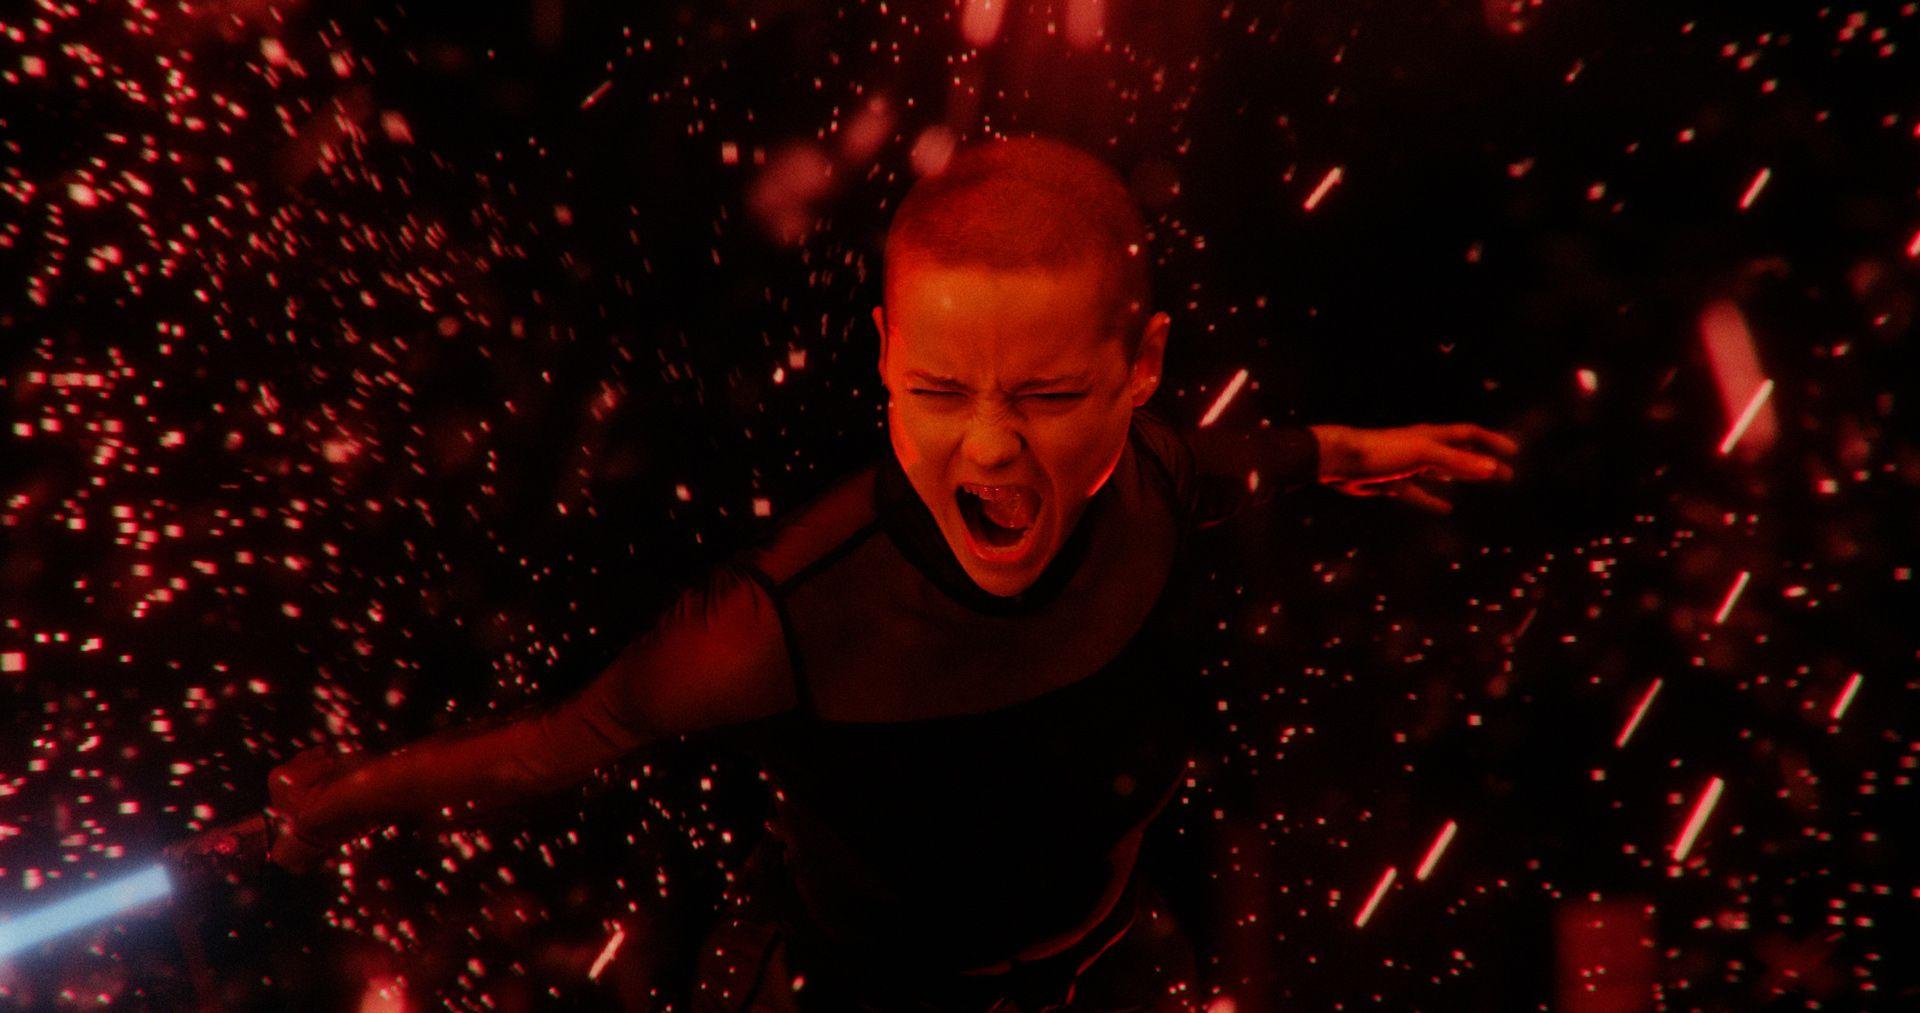 Vidéo d'une explosion de rouge avec danseuse qui se bat à travers.